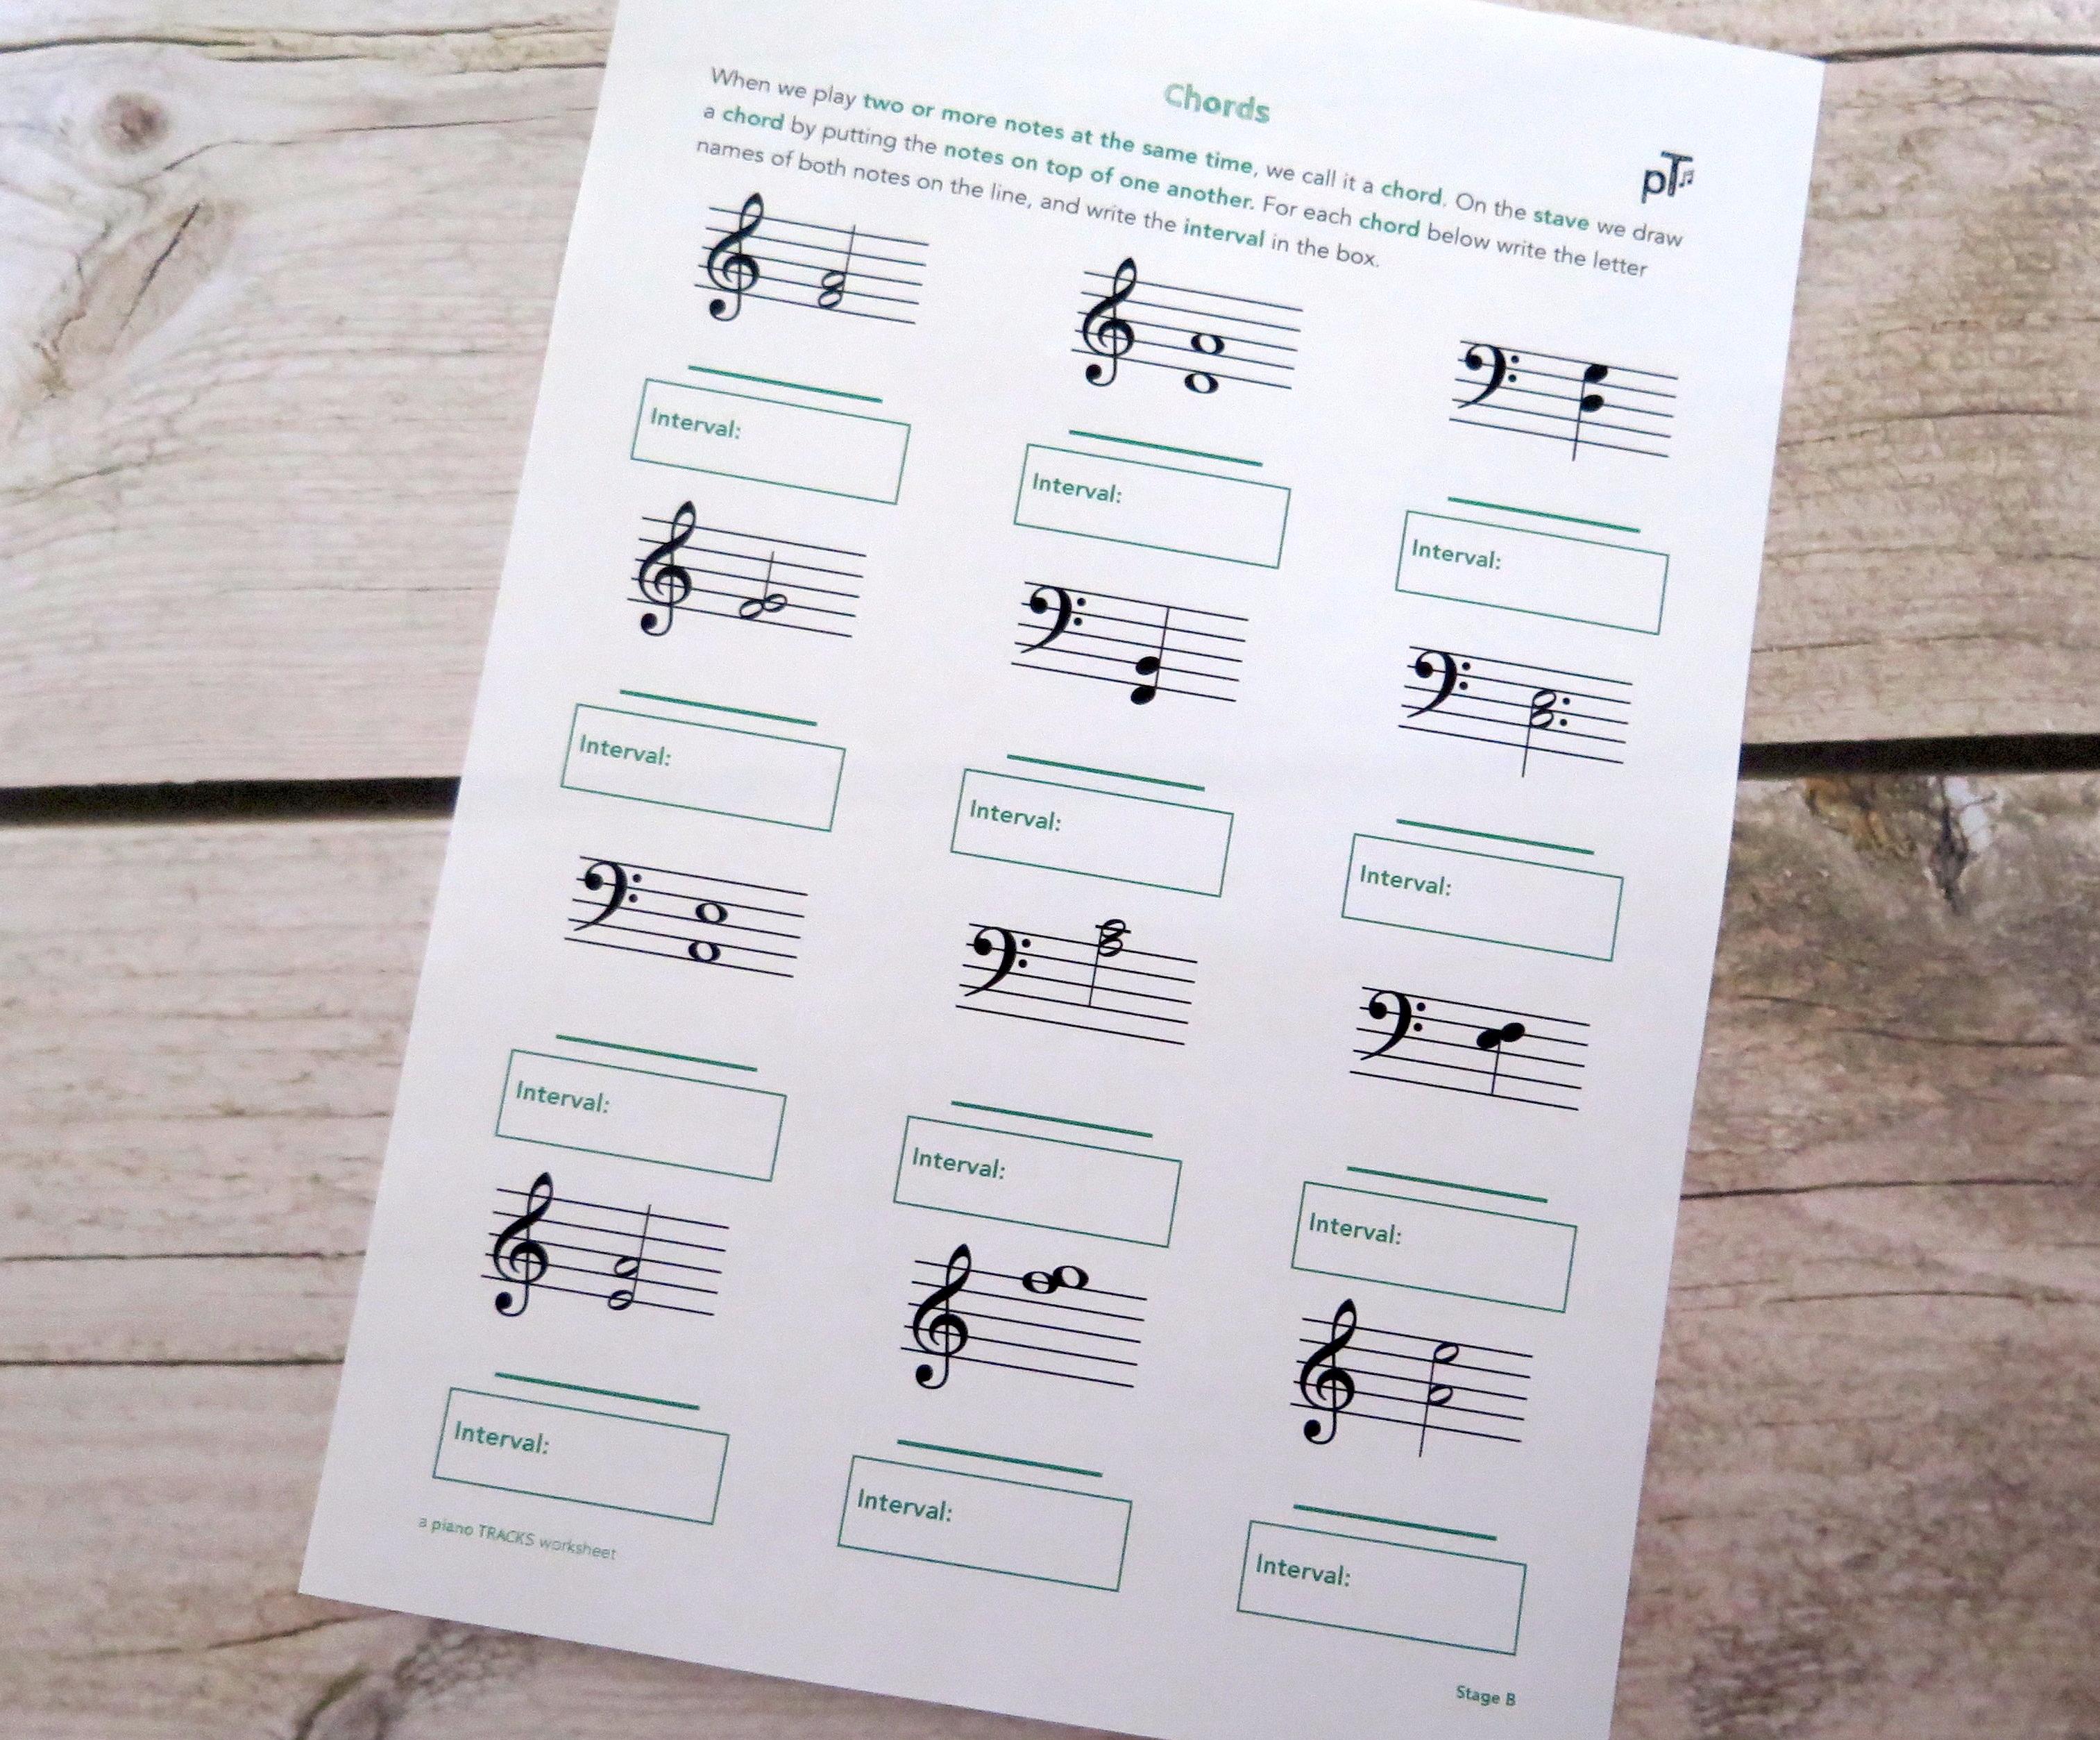 Stage B Chords & Intervals